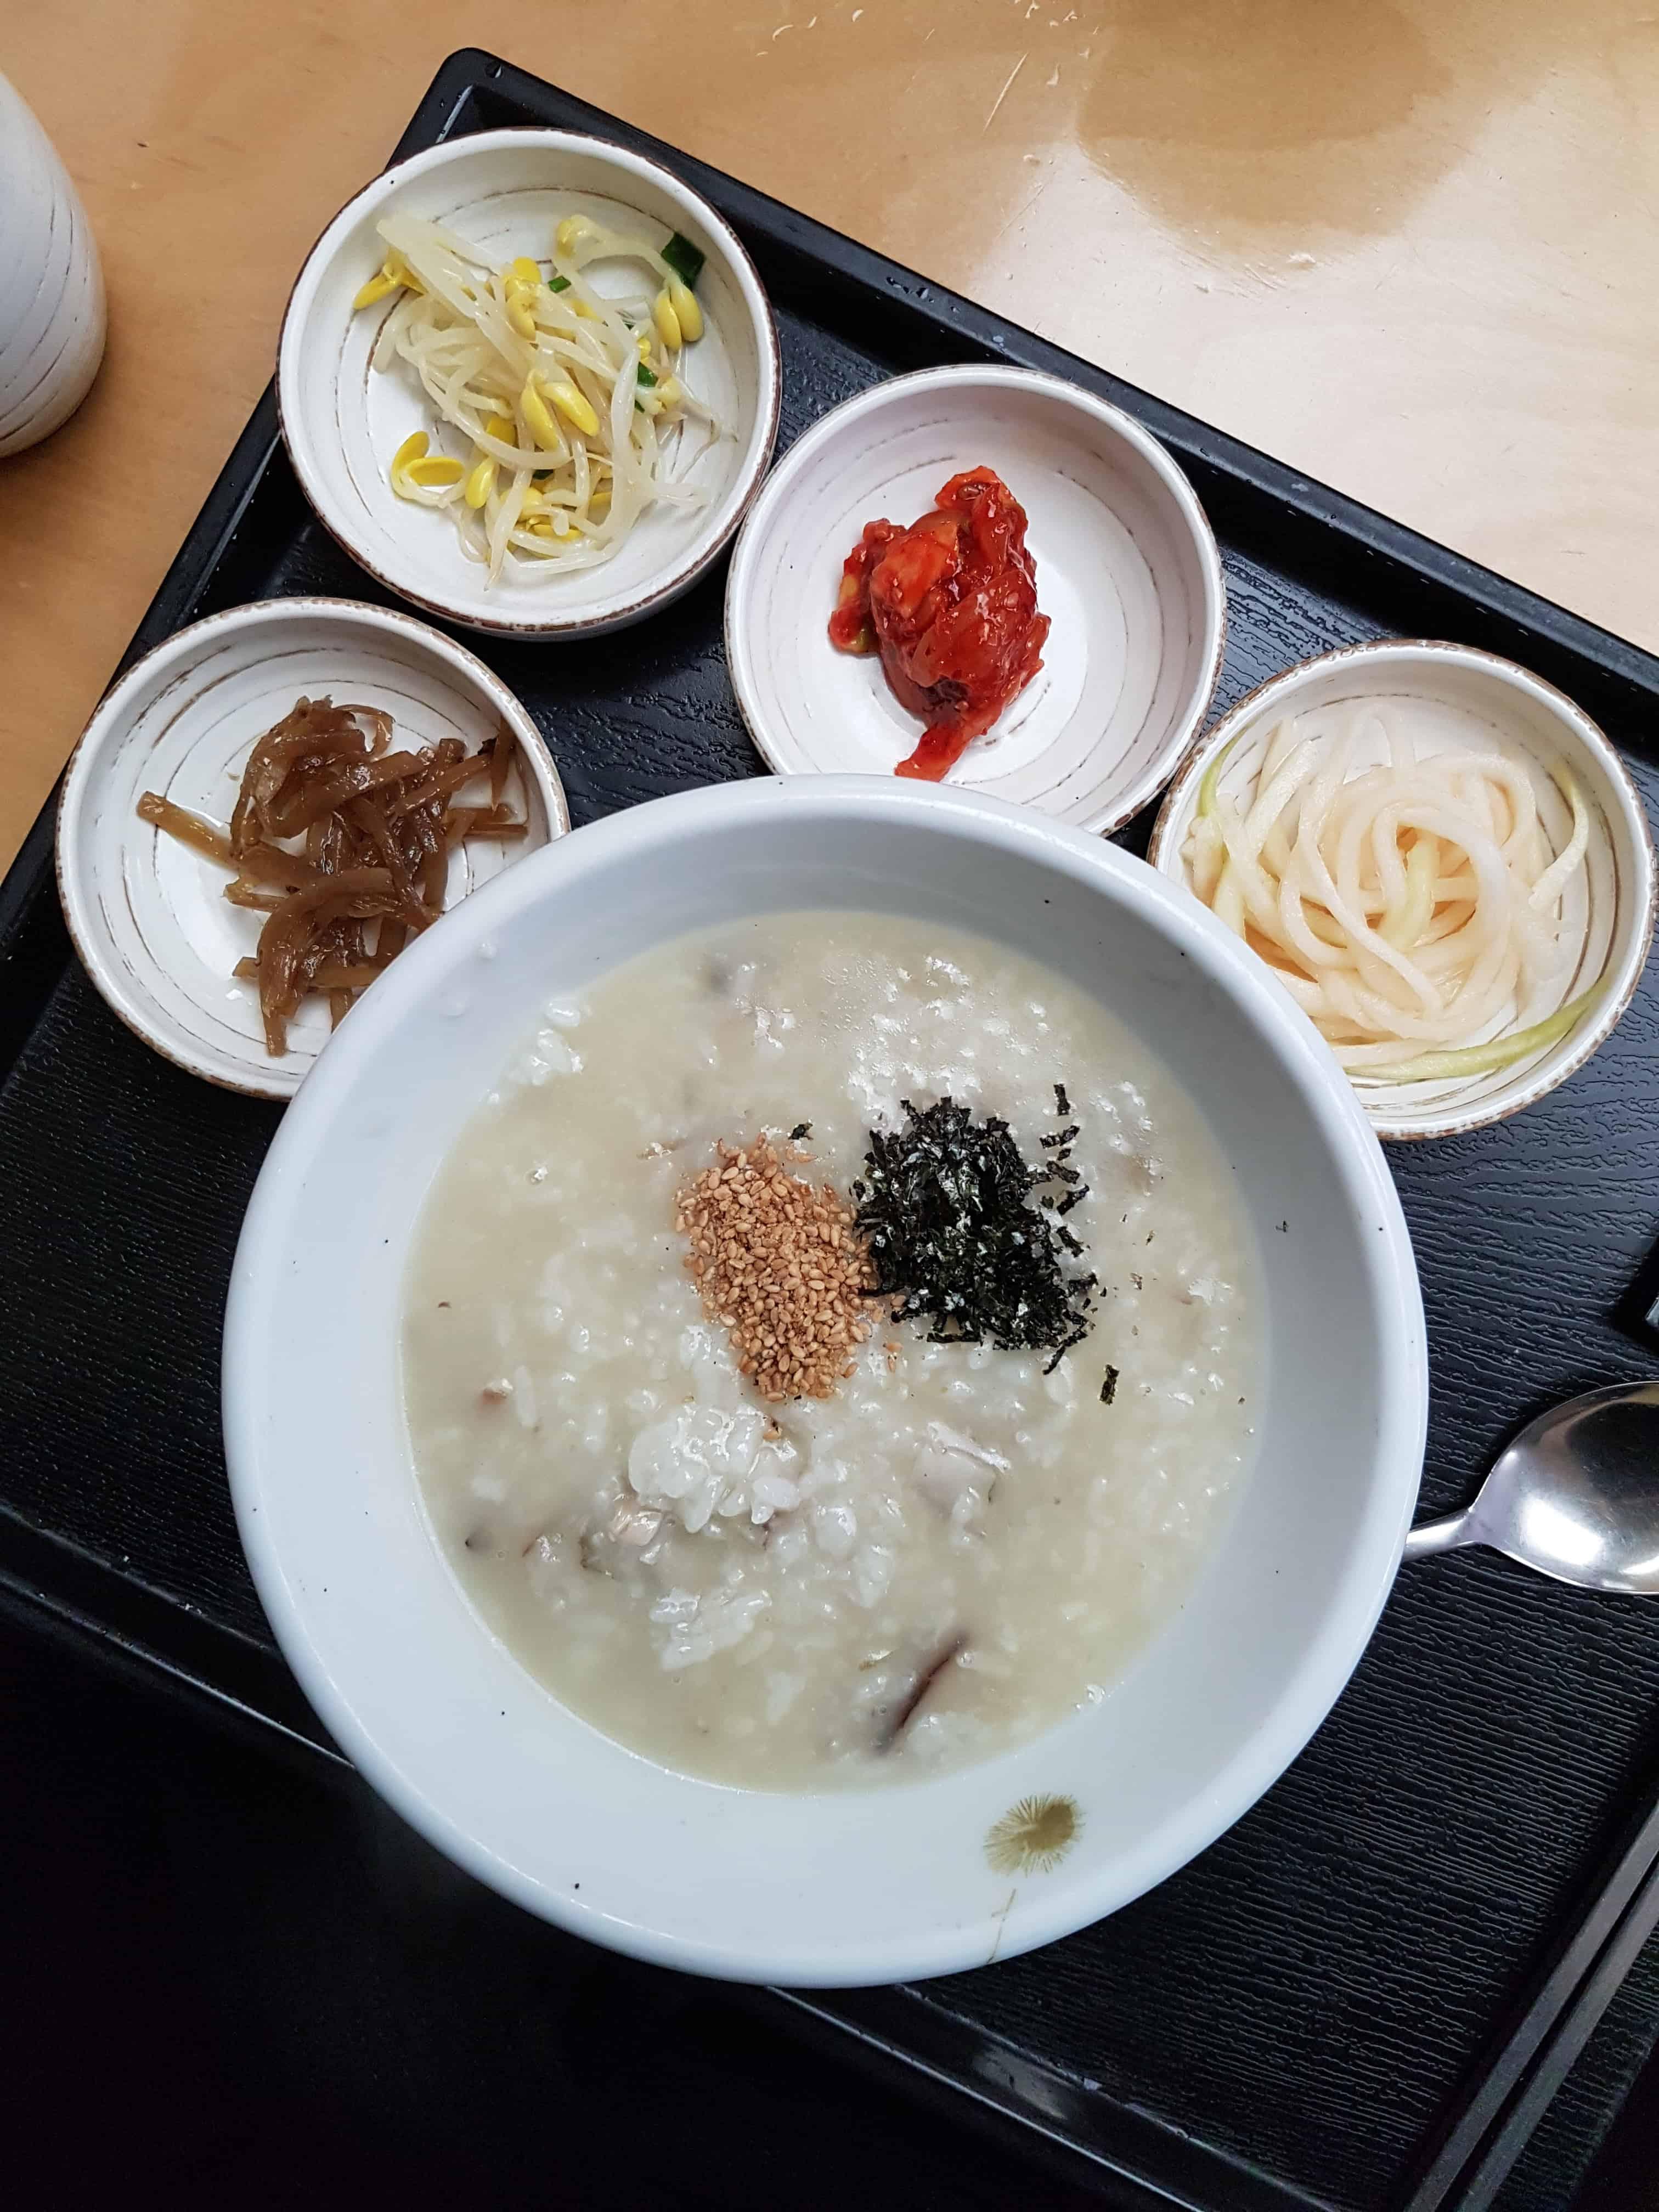 Migabong |56, Myeongdong-gil, Jung-gu, Seoul